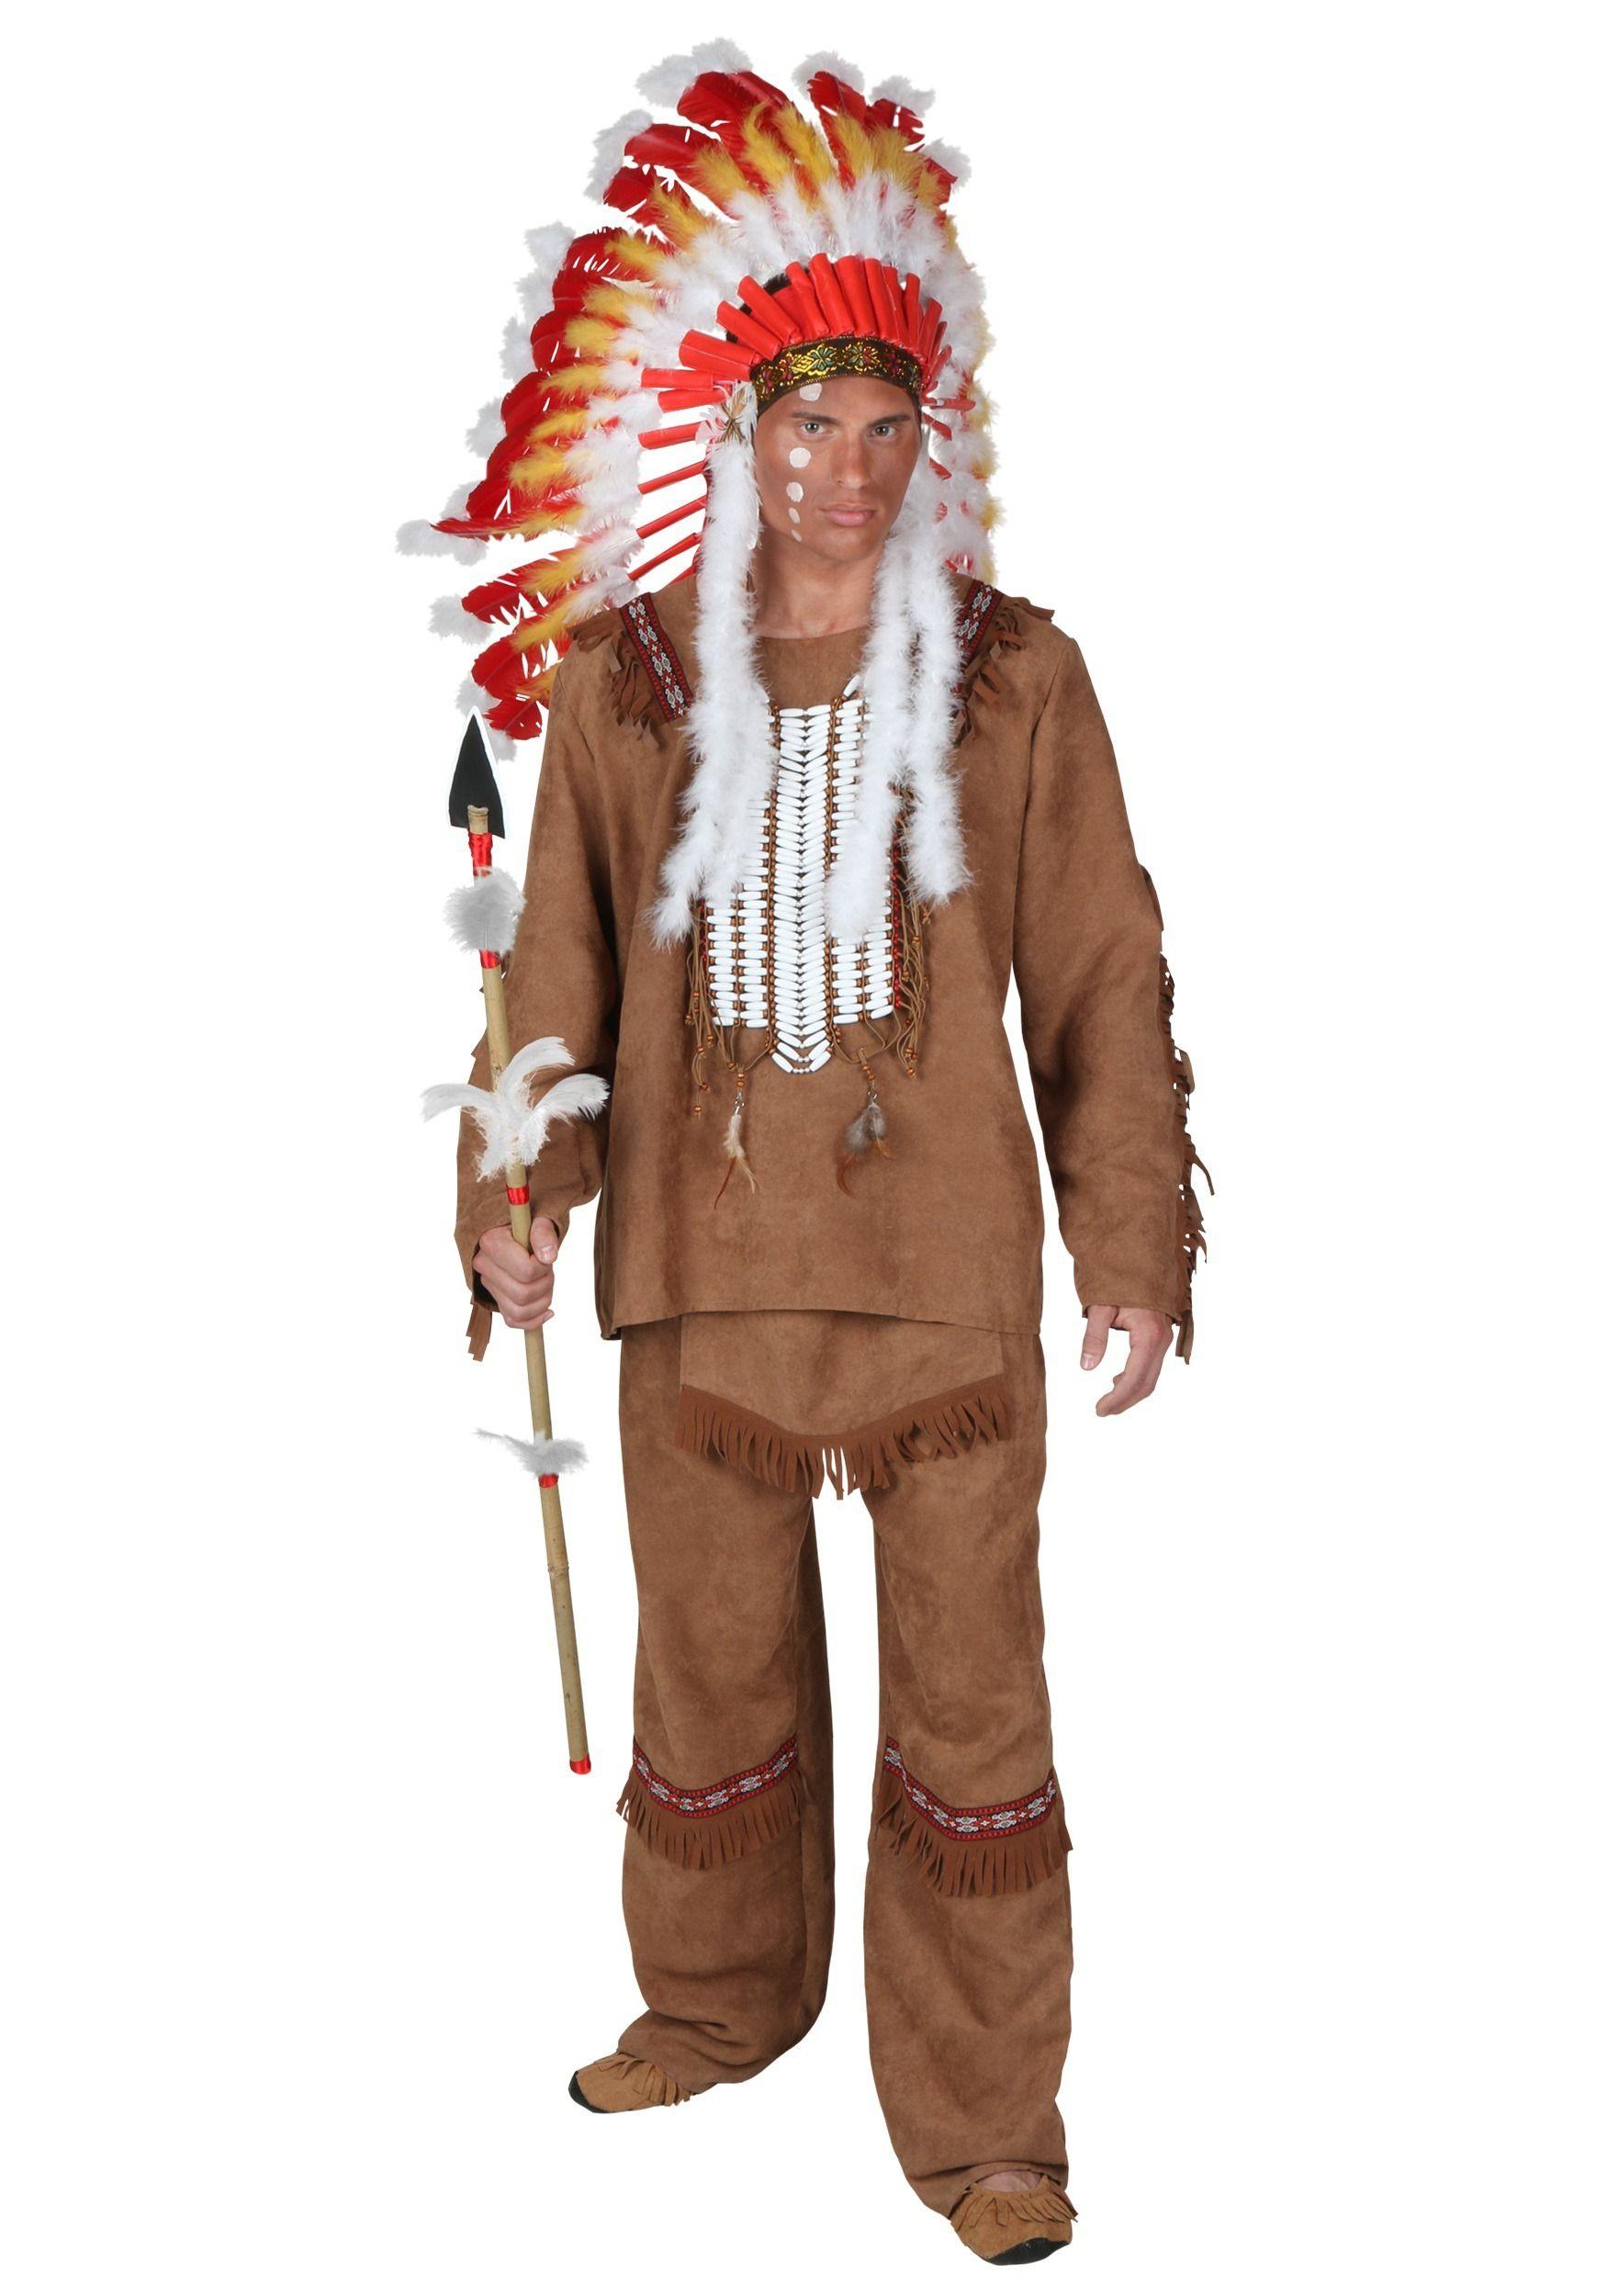 Deluxe Men's Indian Costume Men Halloween Costumes